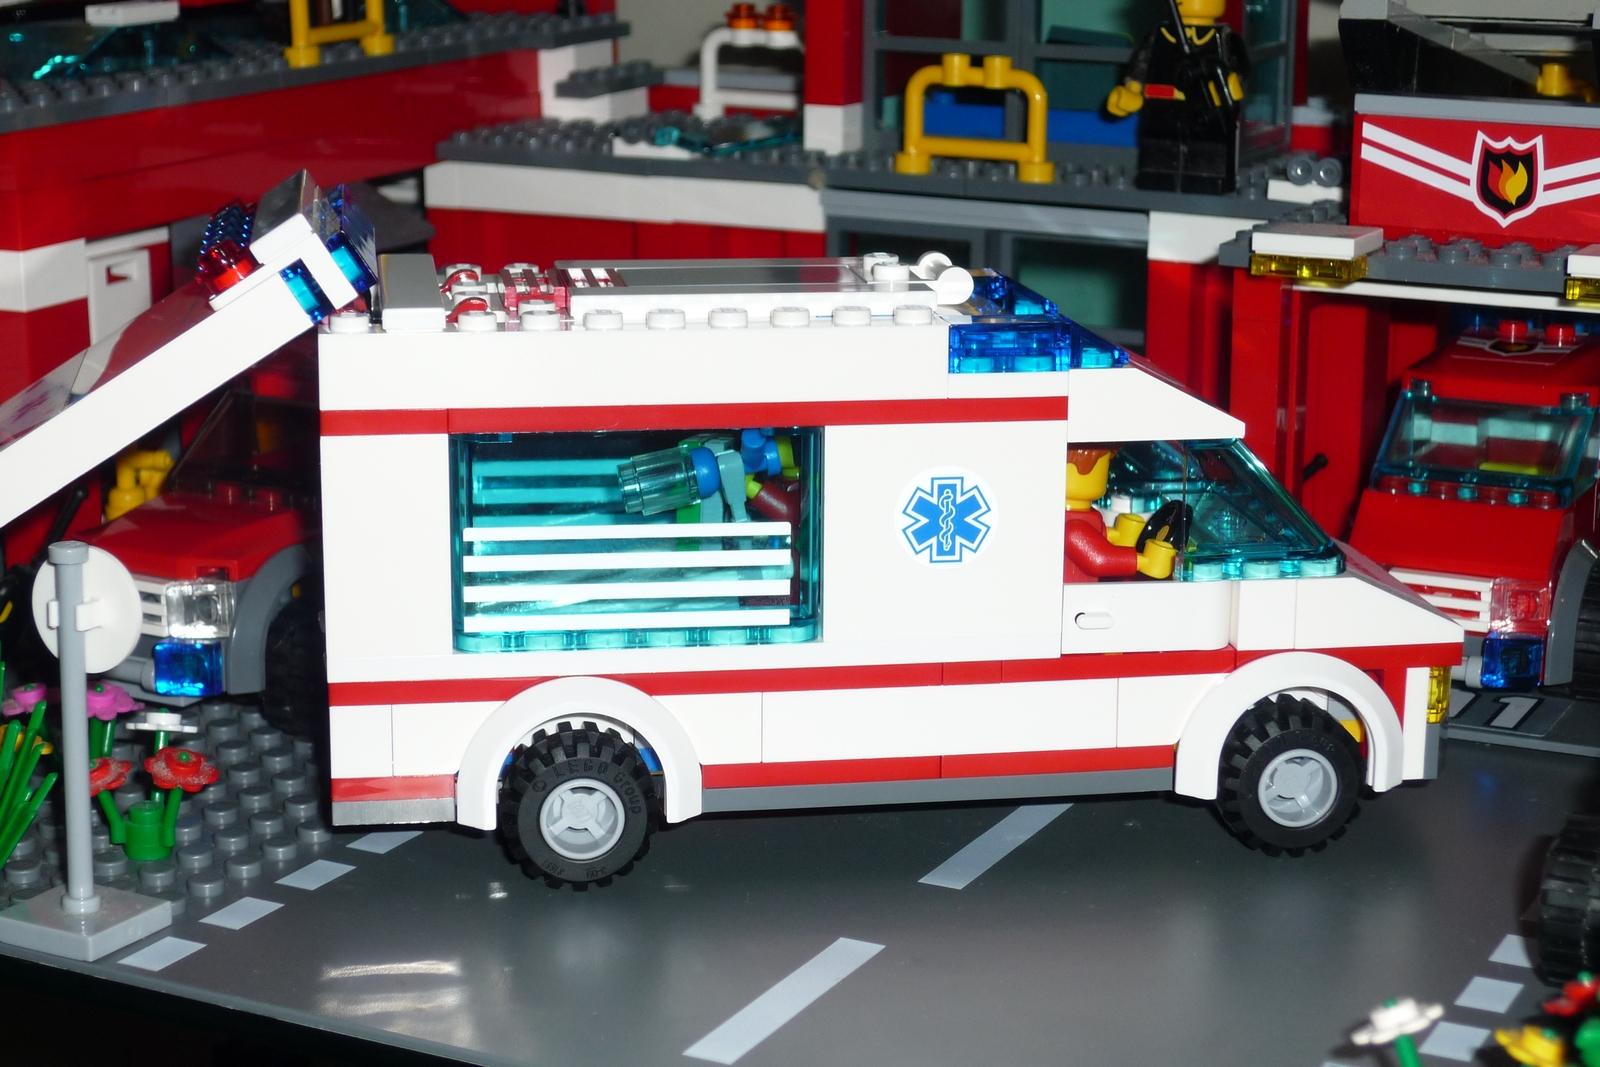 Lego City 4431 Ambulance I Brick City